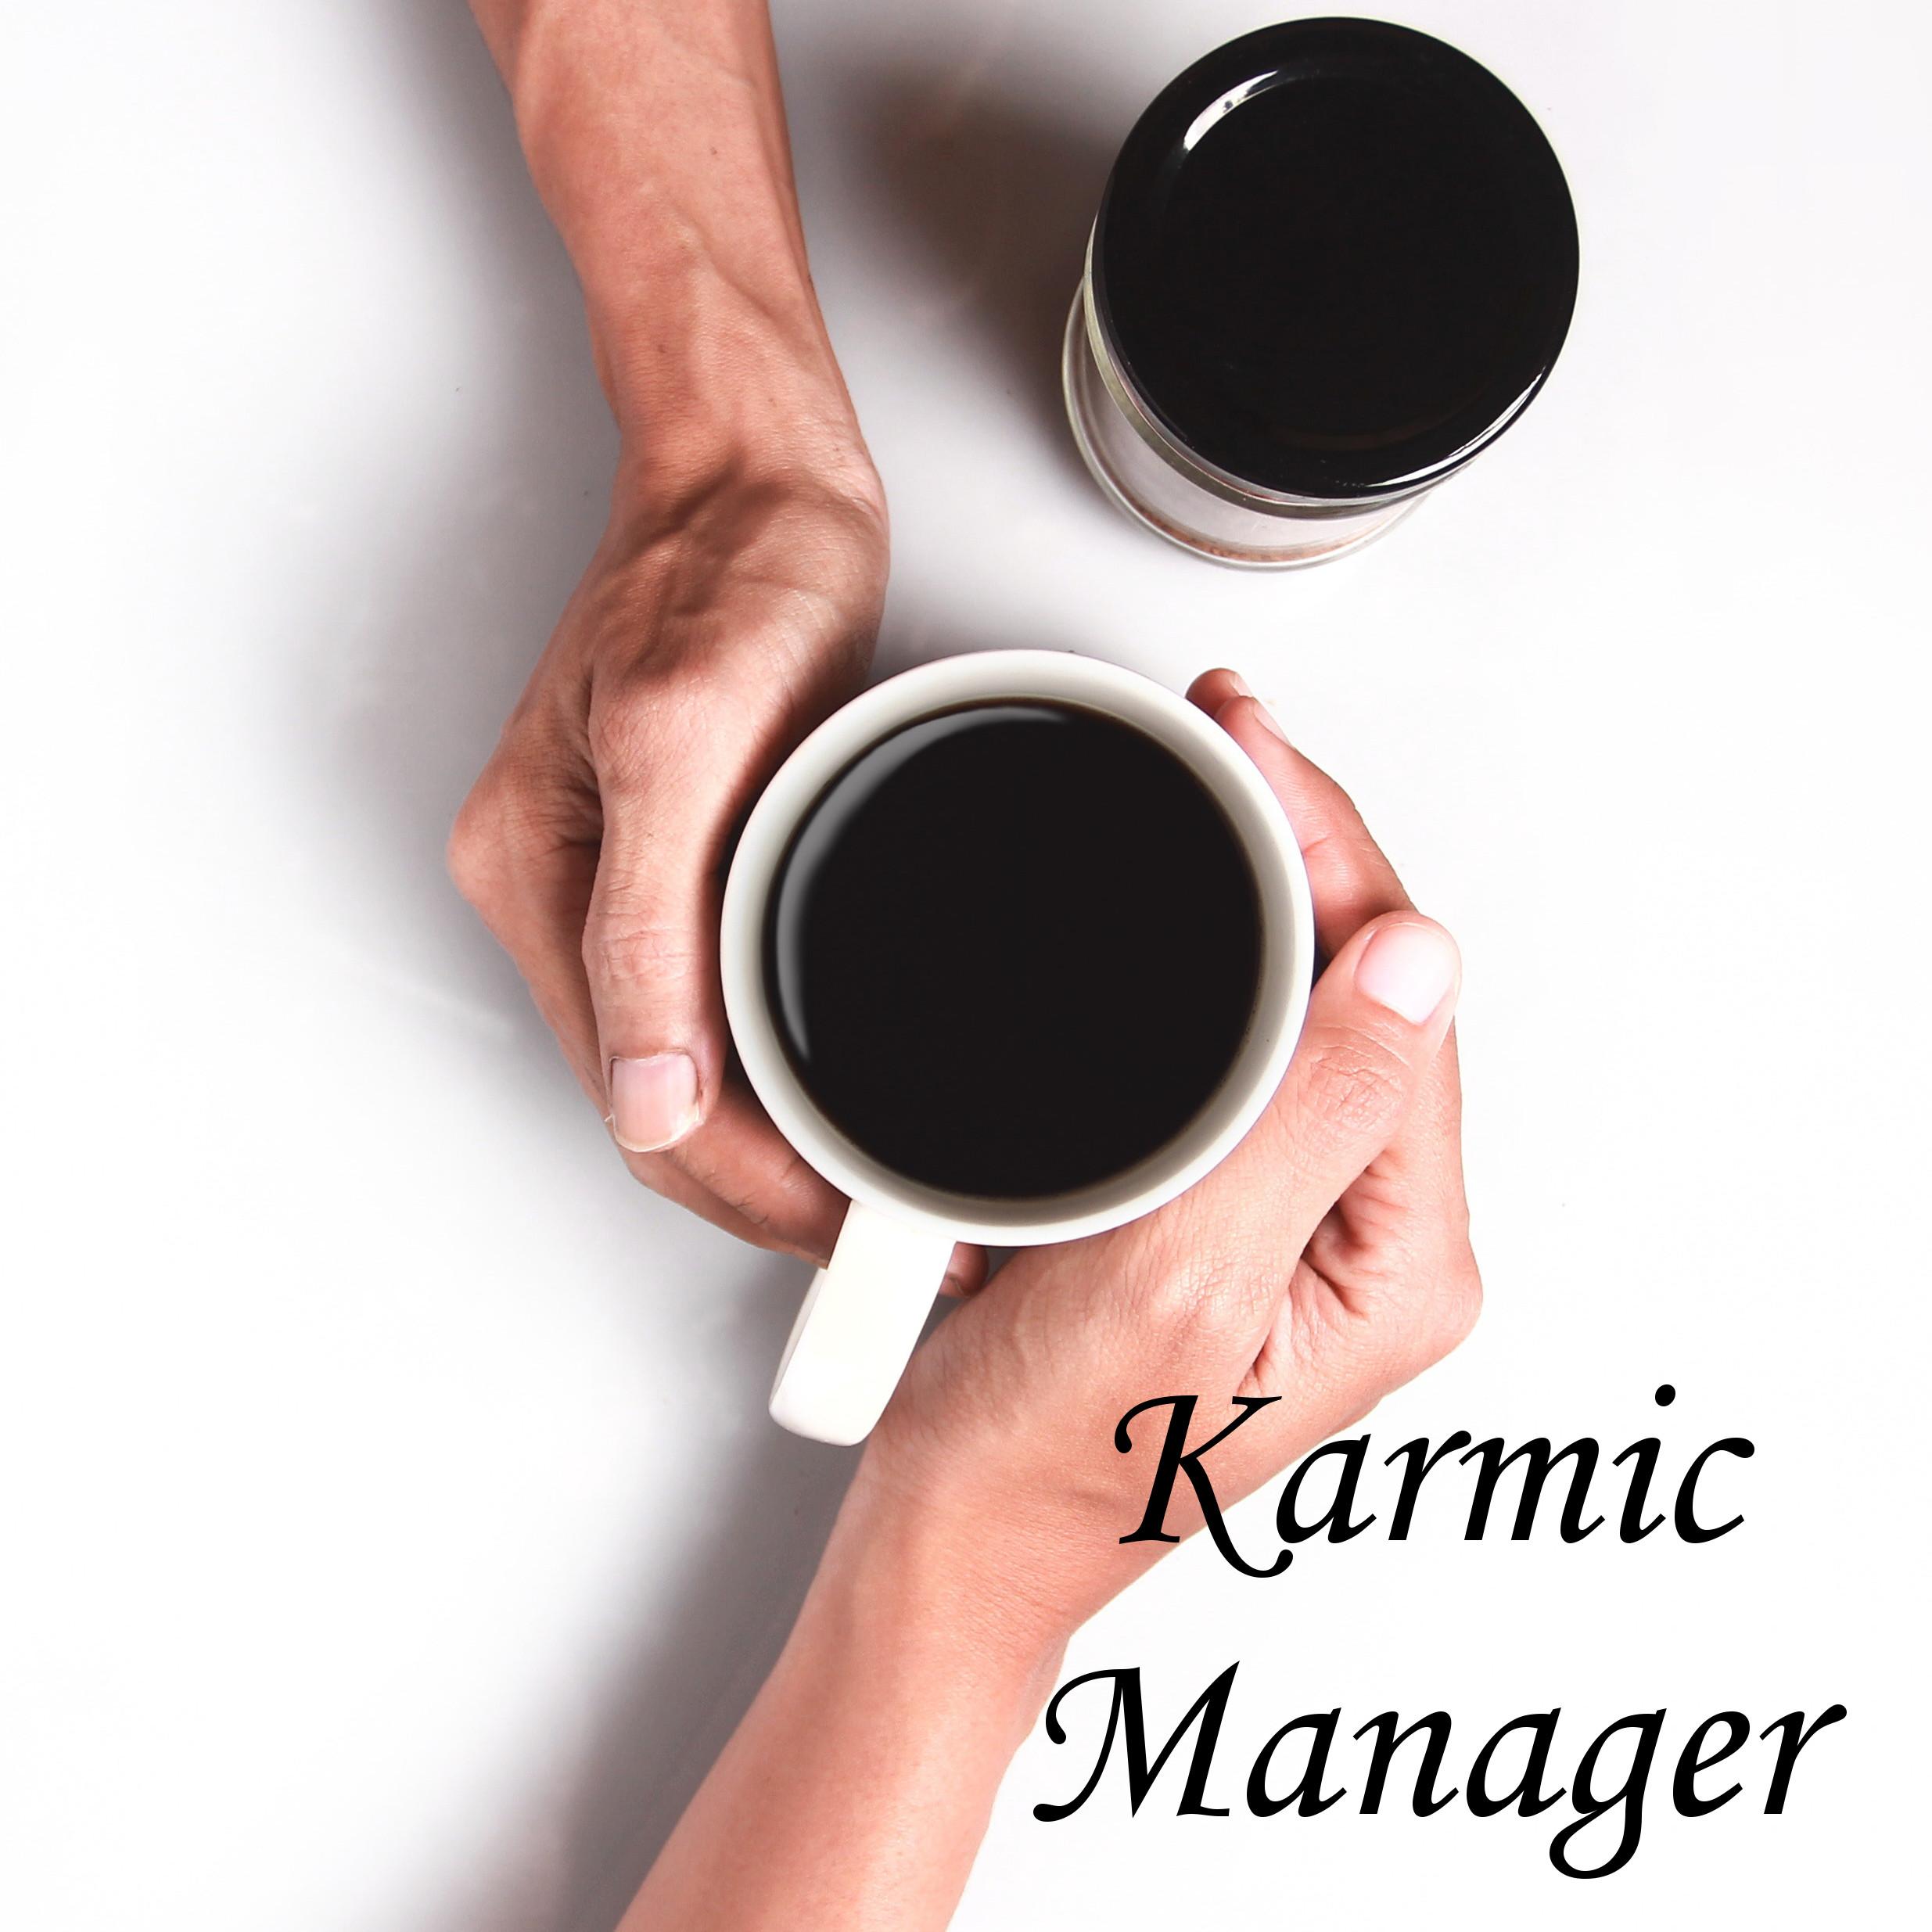 Karmic Manager Square.jpg